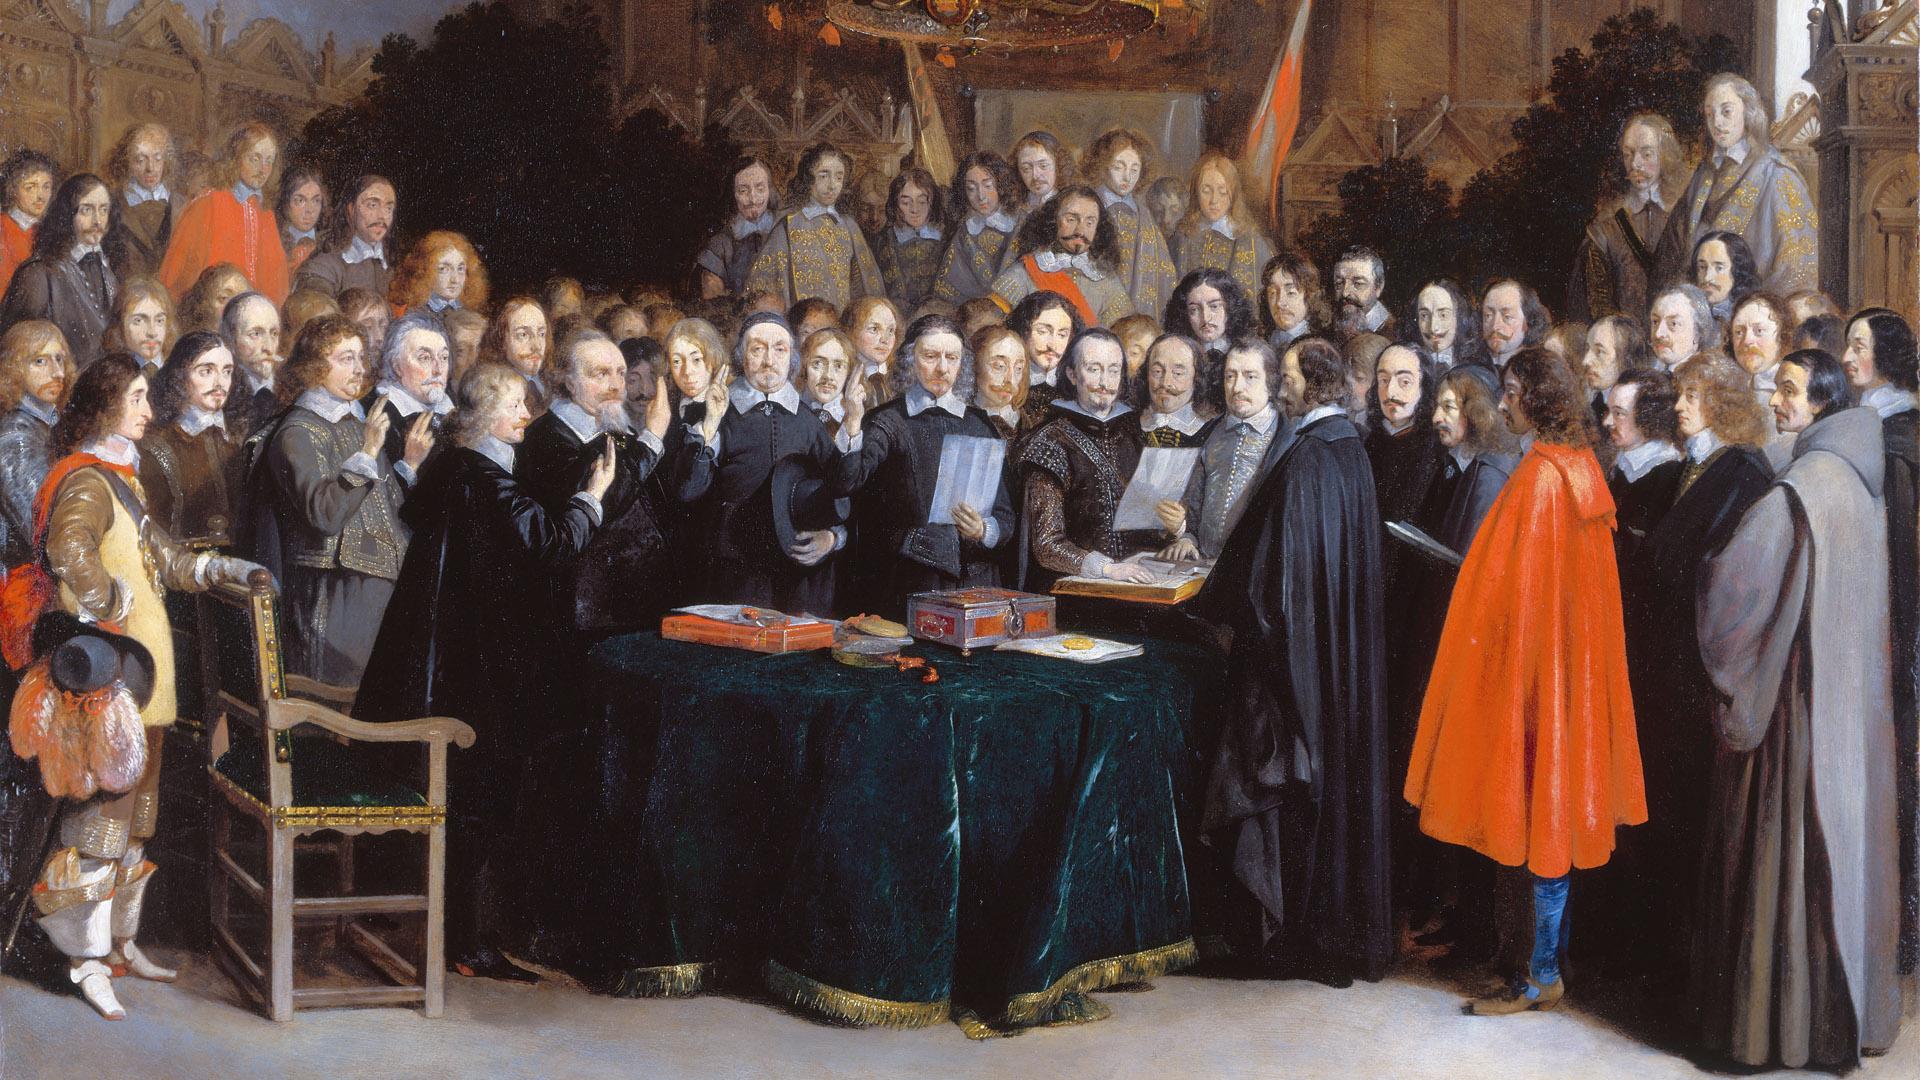 Der Westfälische Friede stabilisierte nach dem 30-jährigen Krieg die politische Situation in Europa und stand den reformatorischen Konfessionen die gleichen Reche zu. Das Gemälde von Gerard ter Borch zeigt die Unterzeichnung in Münster seitens niederländischer und spanischer Gesandter 1848.